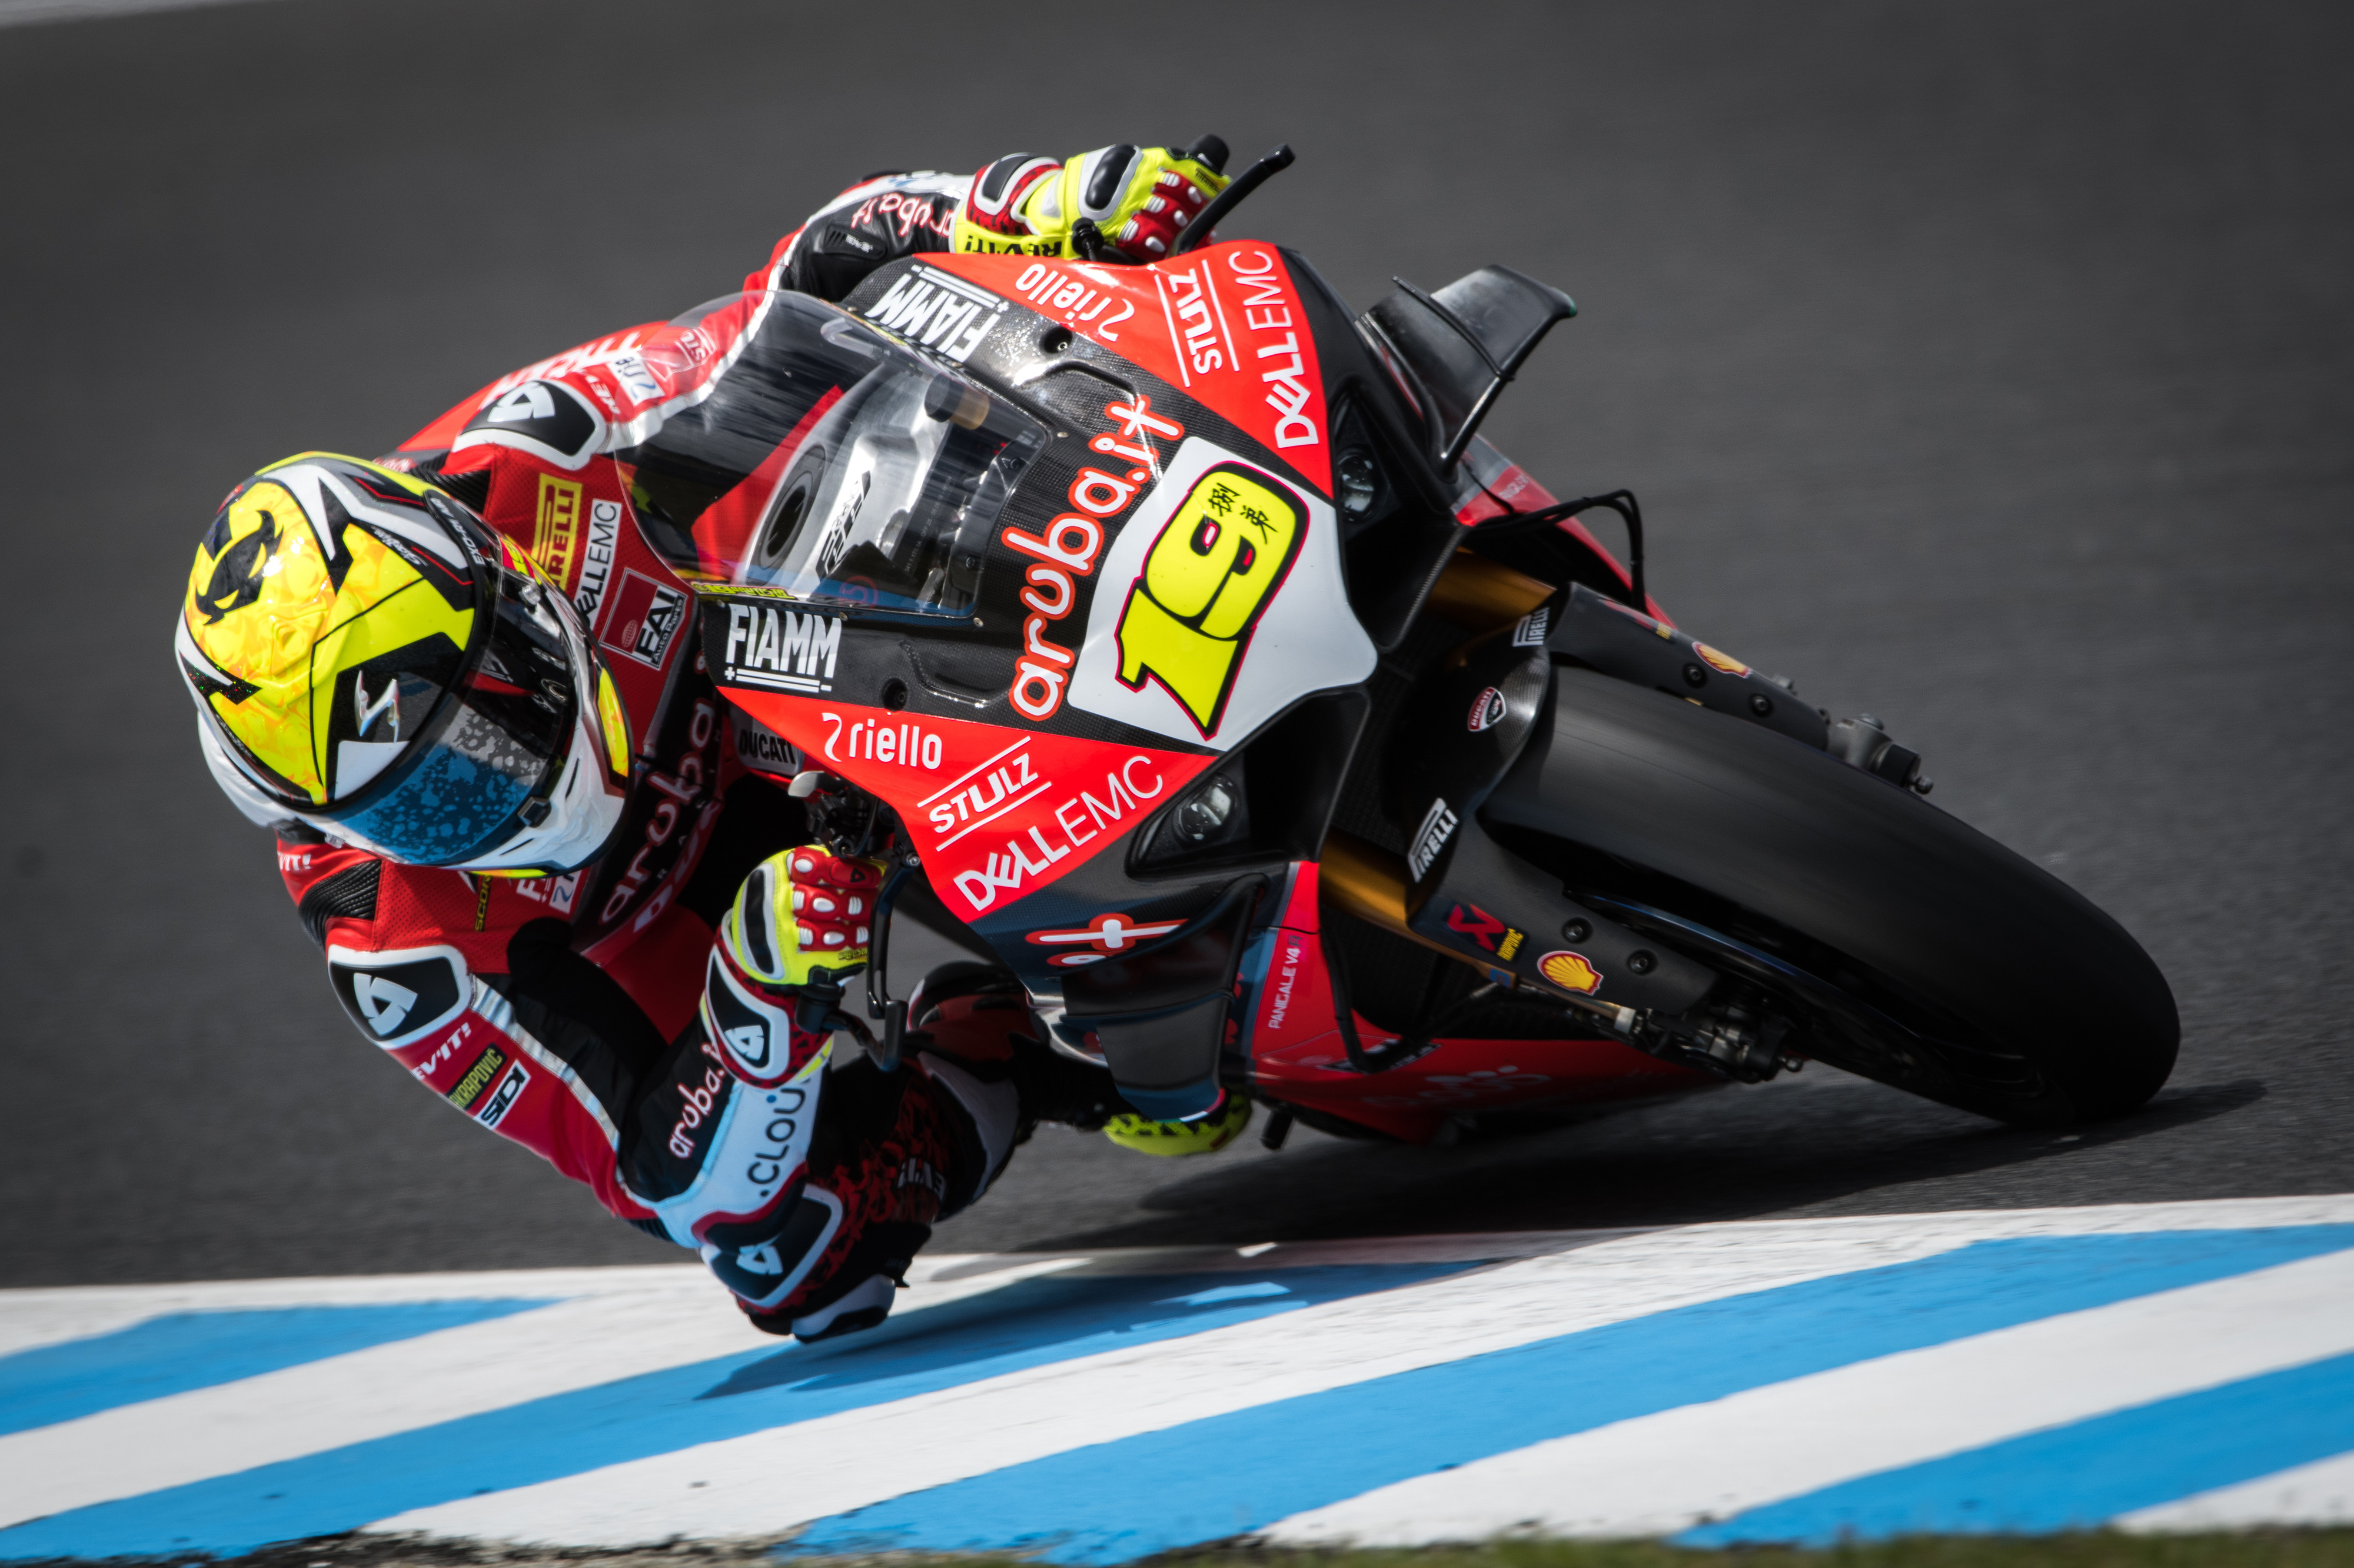 Alvaro Bautista Ducati Panigale V4R